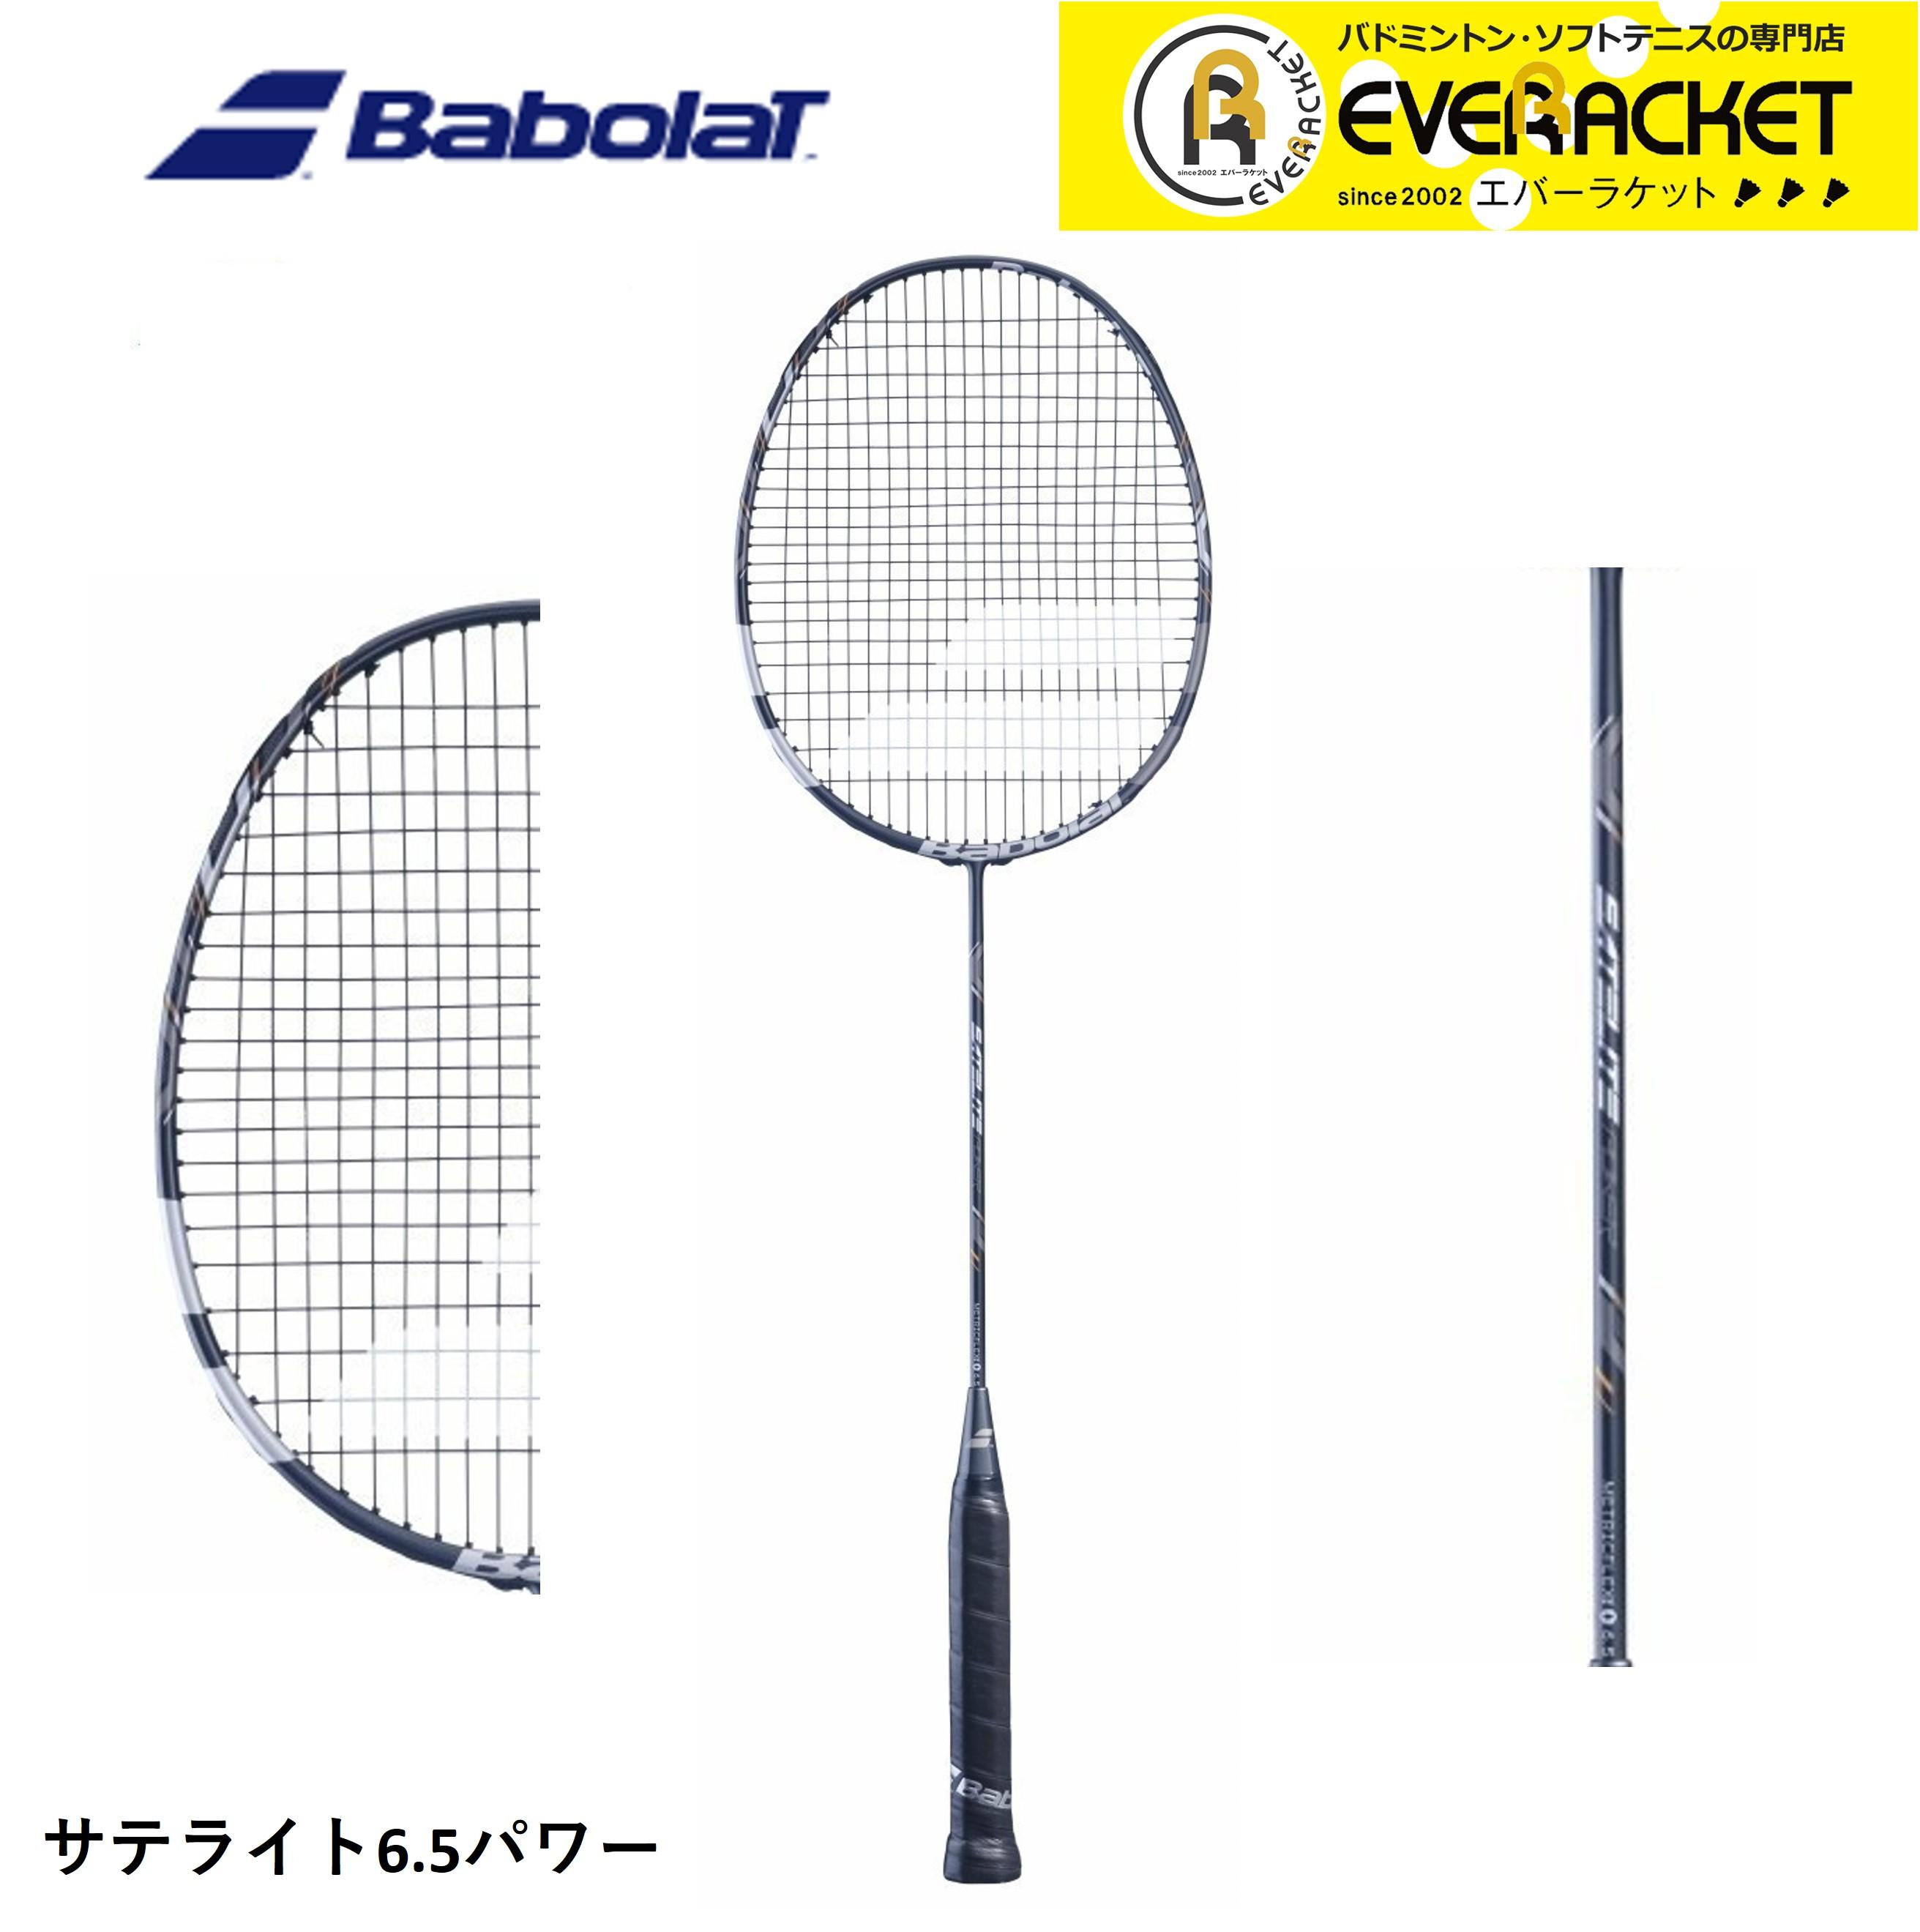 【スーパーセールポイント5倍】バボラ Babolat バドミントンラケット SATELITE6.5POWER BBF602317 バドミントン 《ガット代・張り代無料》